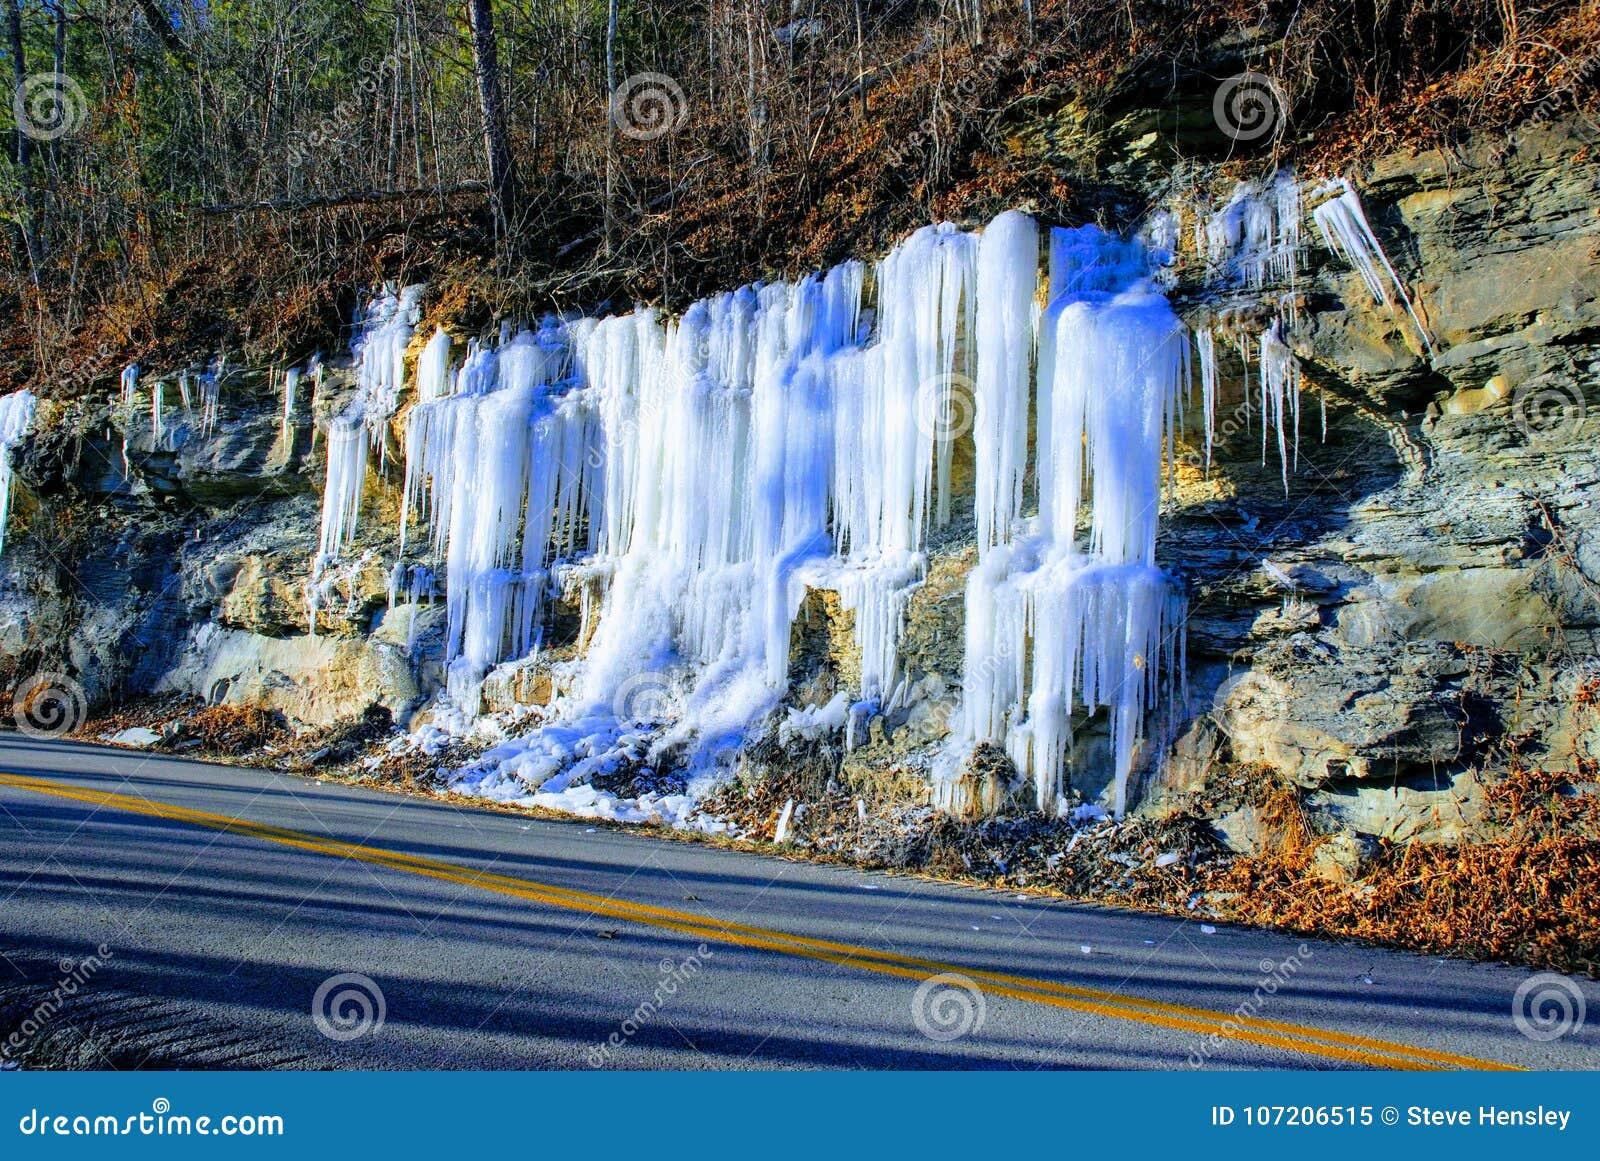 Les glaçons pendent des roches le long de la route passant par la gorge de la rivière rouge